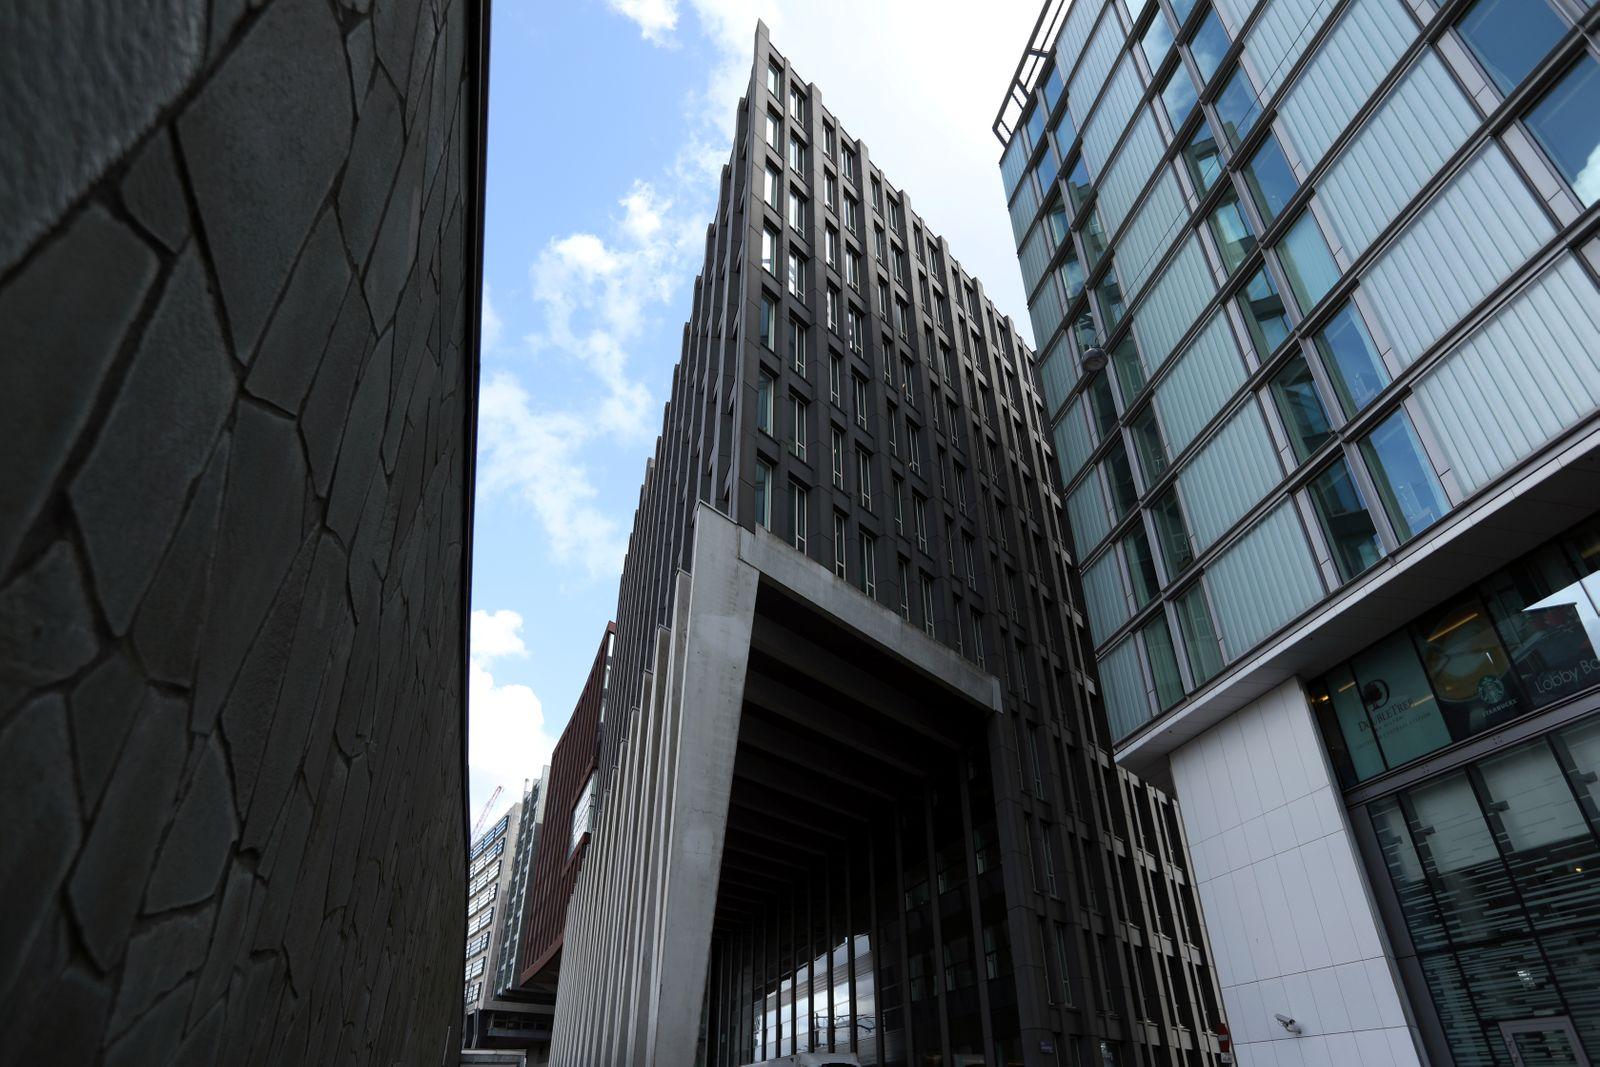 Ayden headquarters is seen Amsterdam